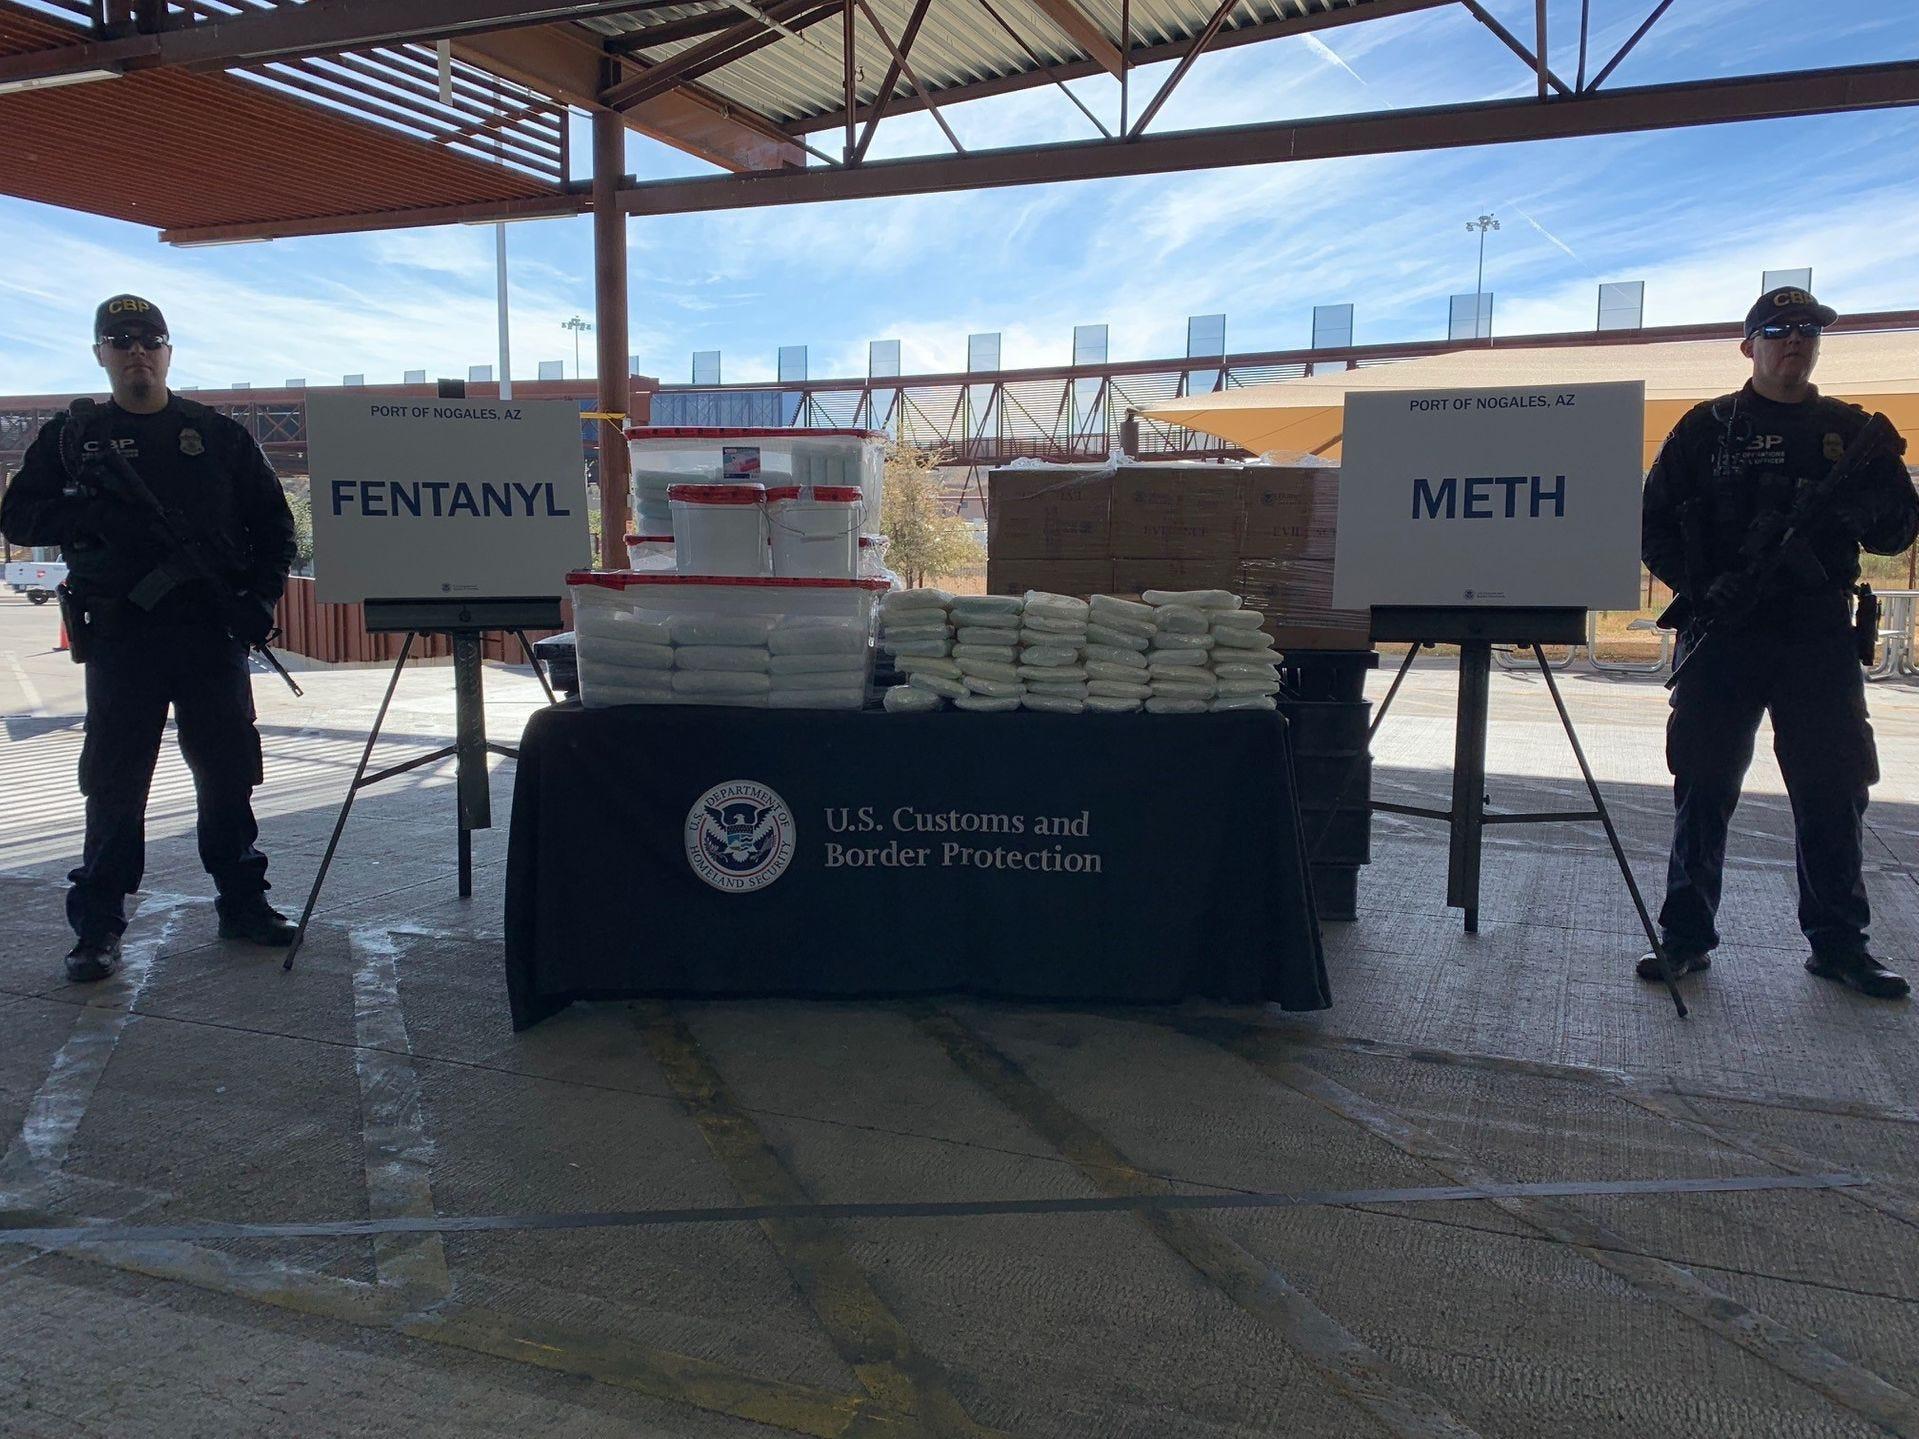 Los oficiales de Aduanas y Protección Fronteriza de los EE. UU. frustraron el mayor intento de contrabando de fentanilo a través de la frontera entre EEUU y México en Nogales, Arizona.